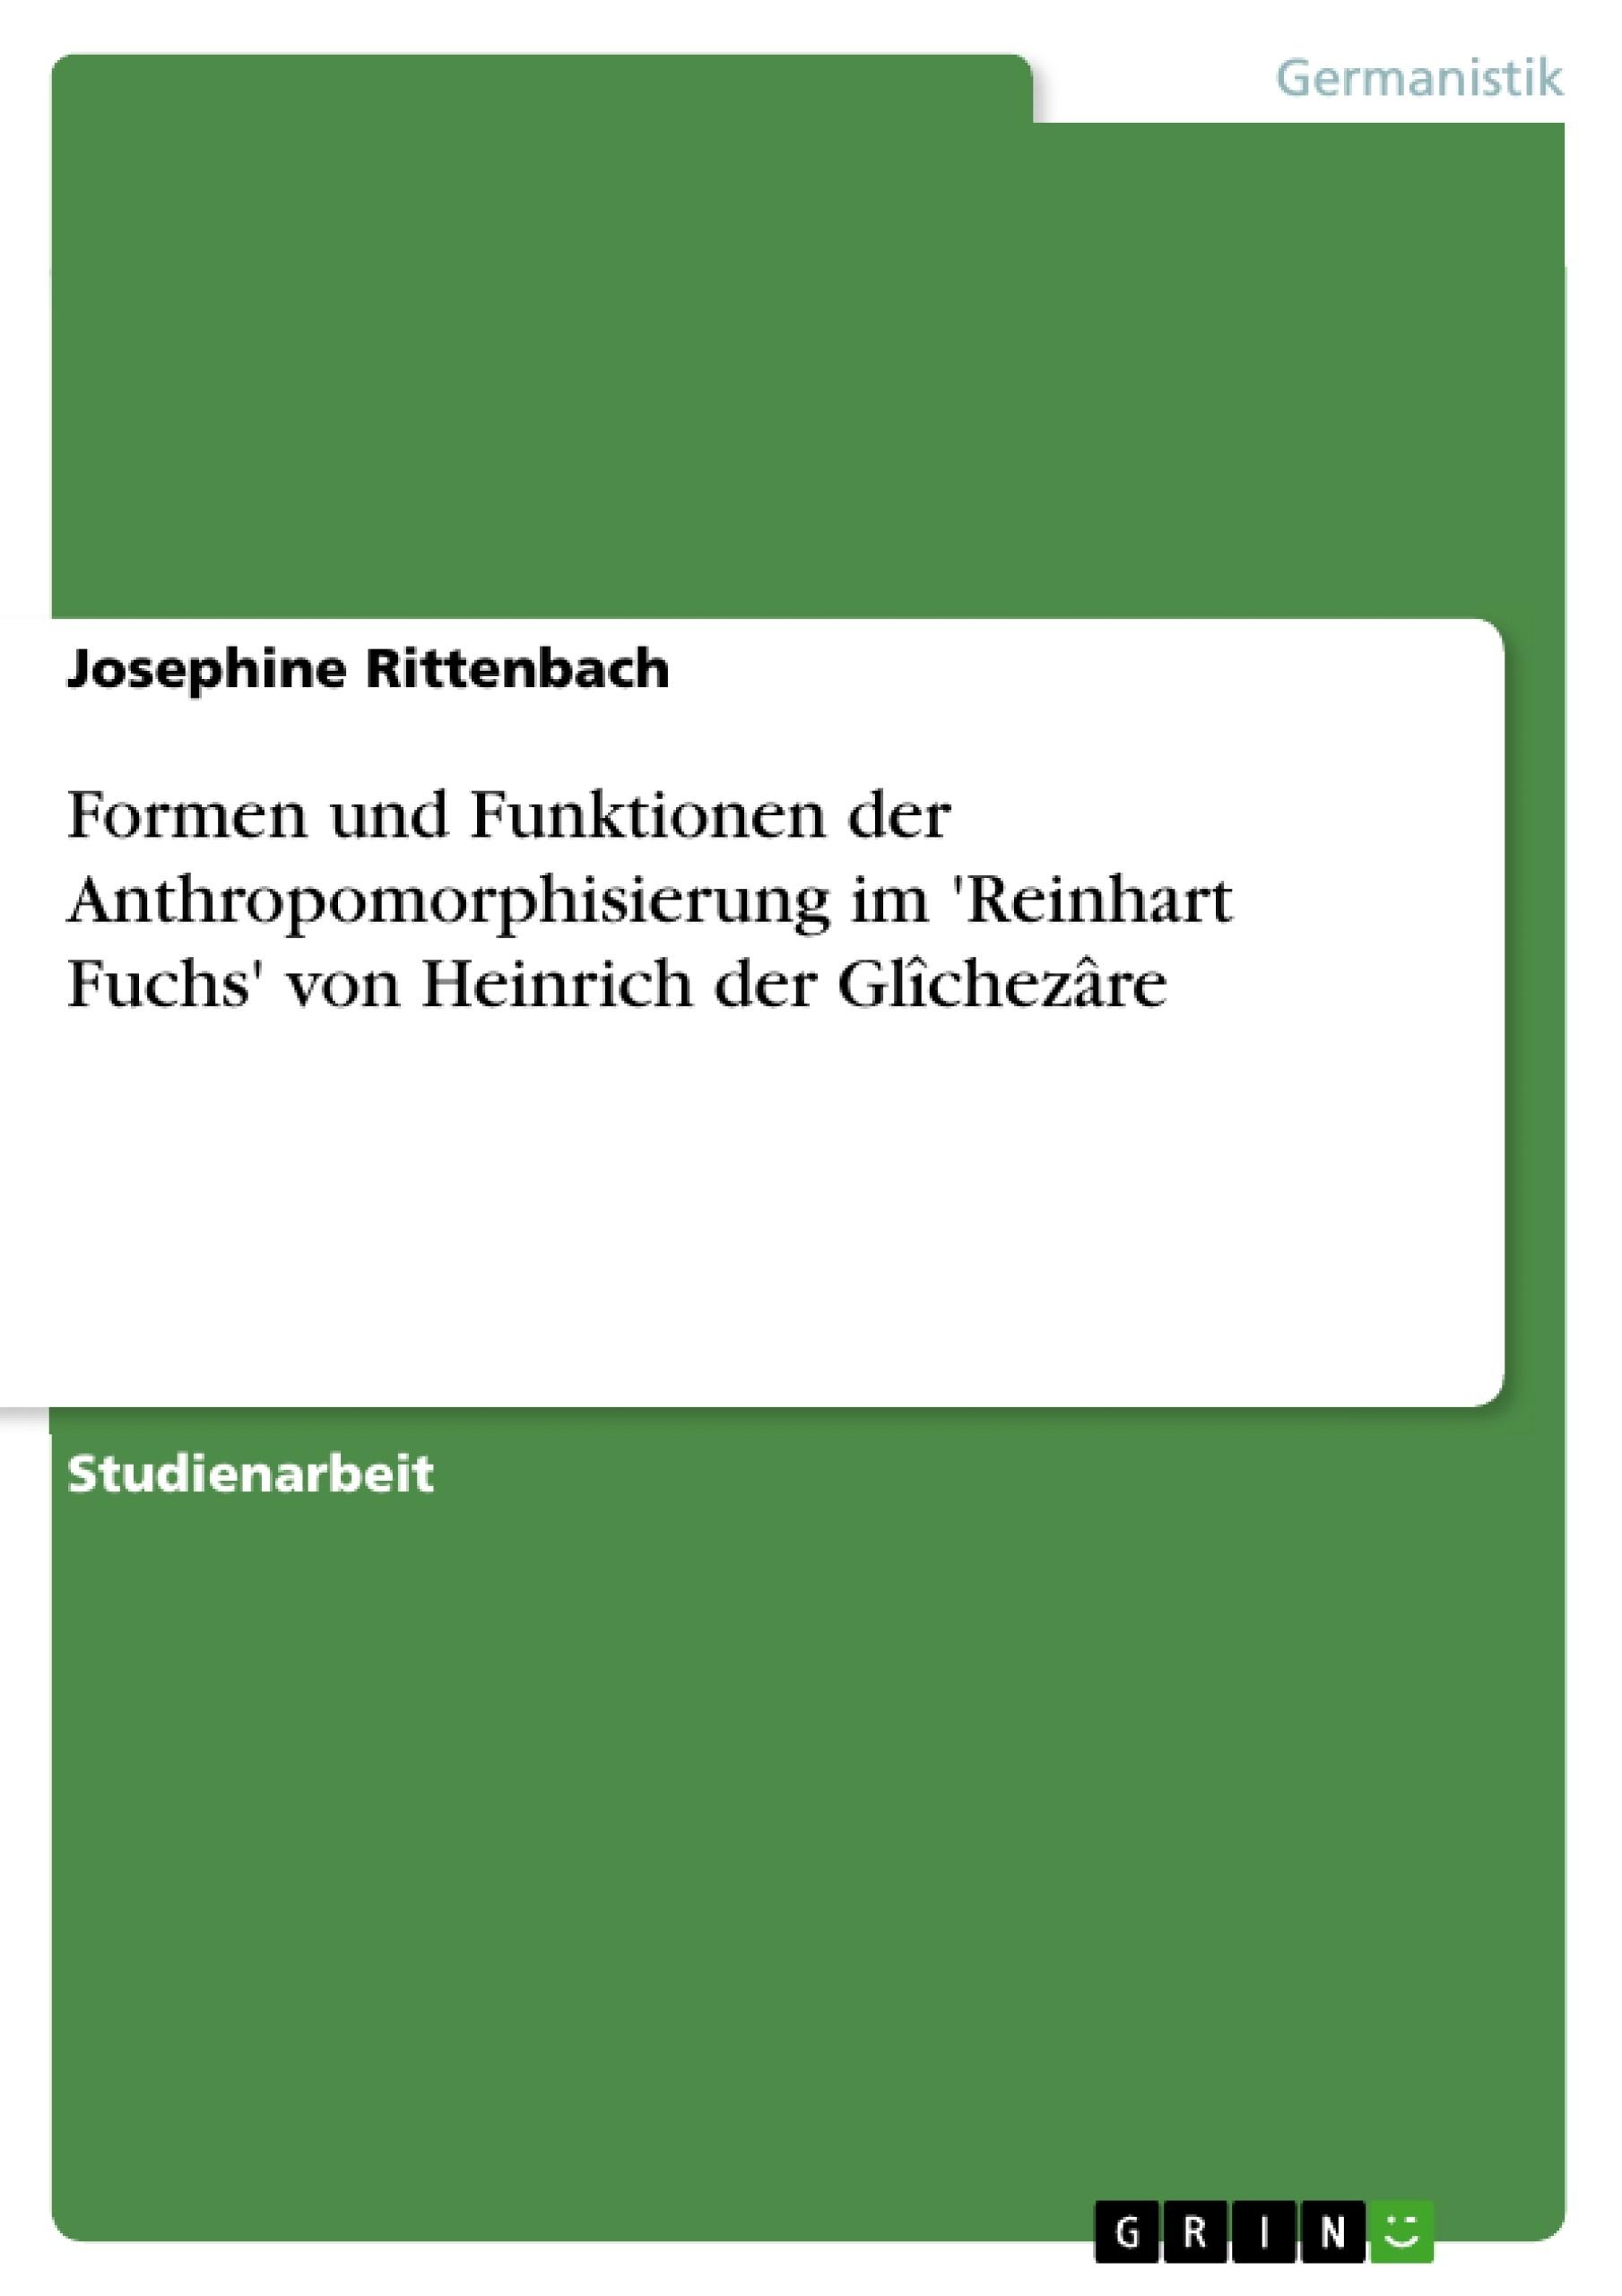 Titel: Formen und Funktionen der Anthropomorphisierung im 'Reinhart Fuchs' von Heinrich der Glîchezâre